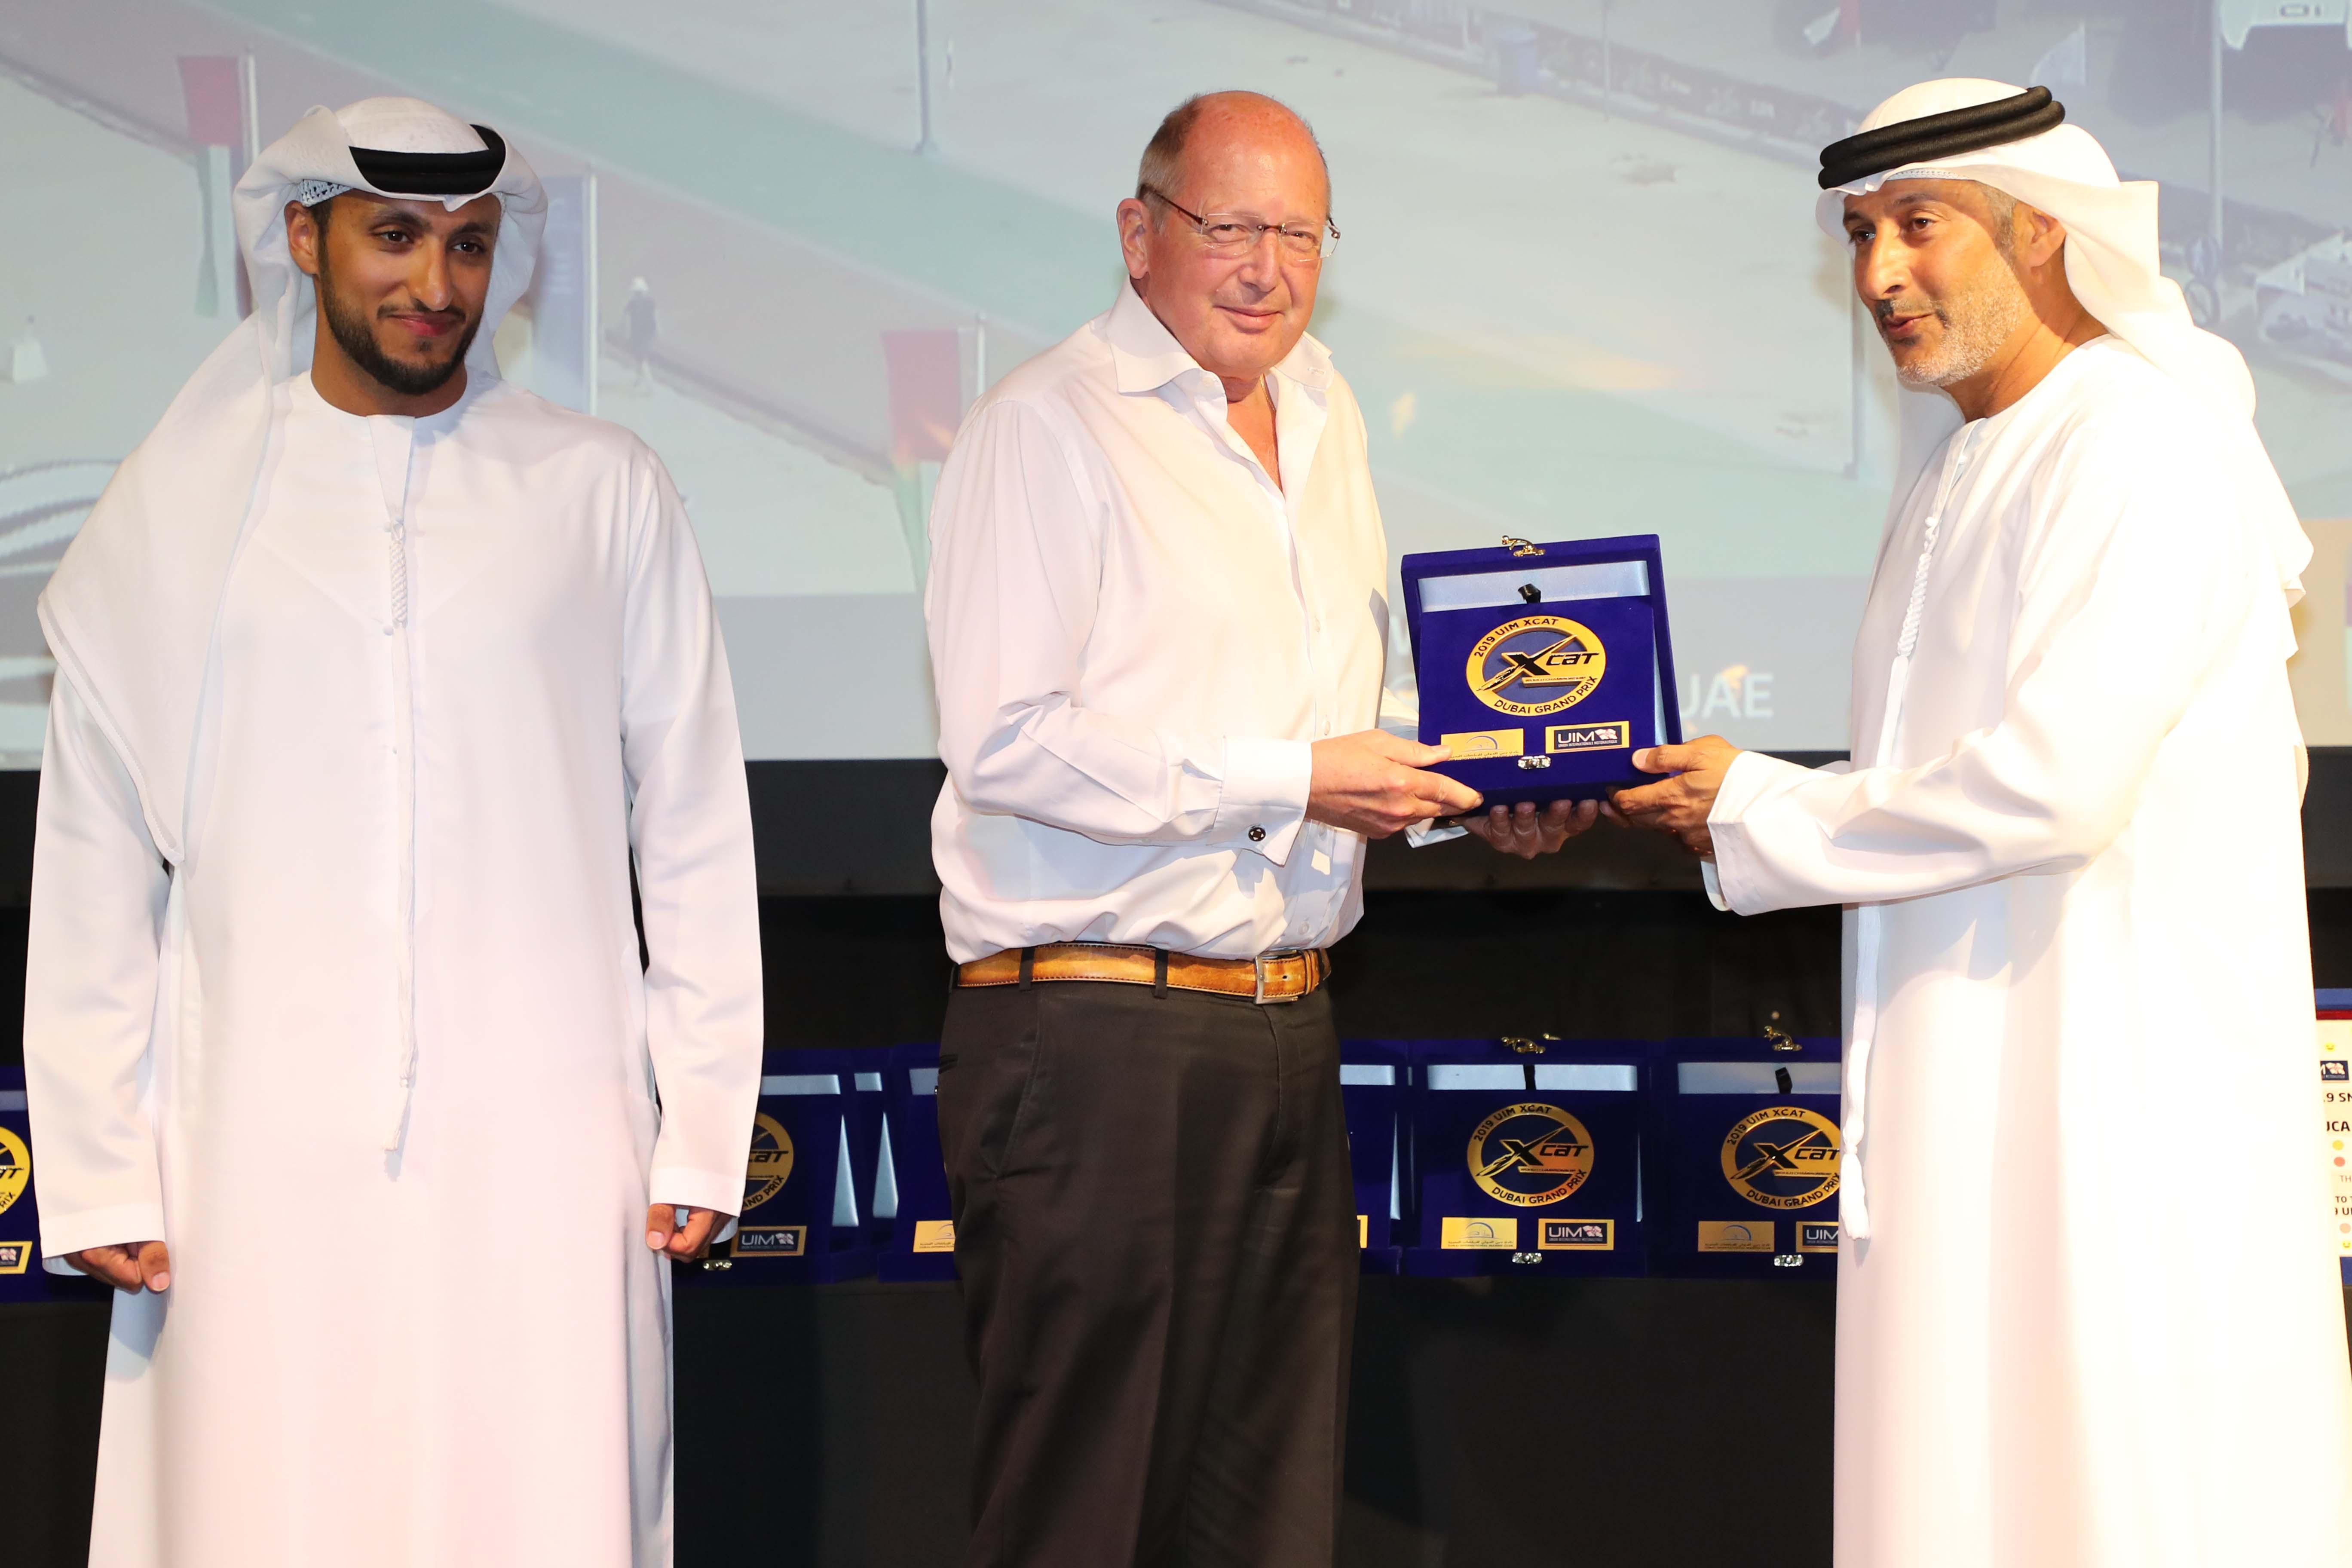 كورت :دبي قدمت نسخة استثنائية في جميرا الساحرة